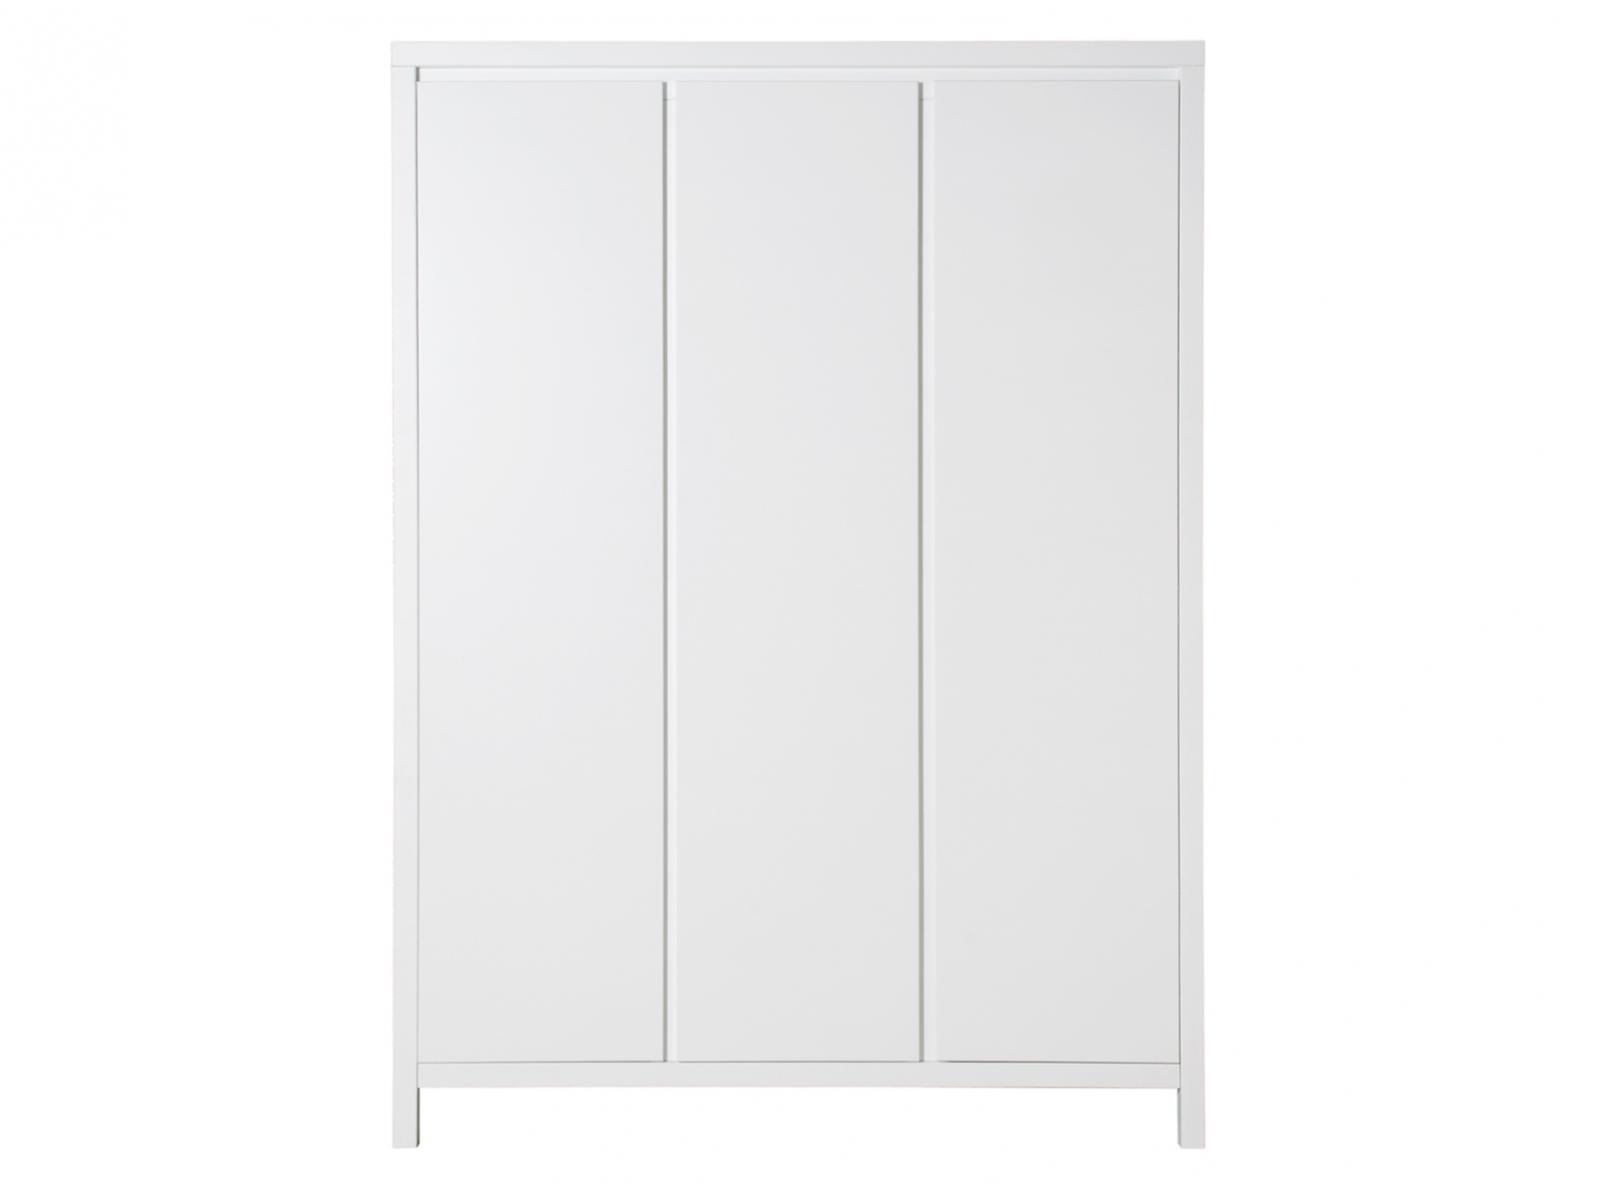 Bopita Corsica 3-Doors Wardrobe